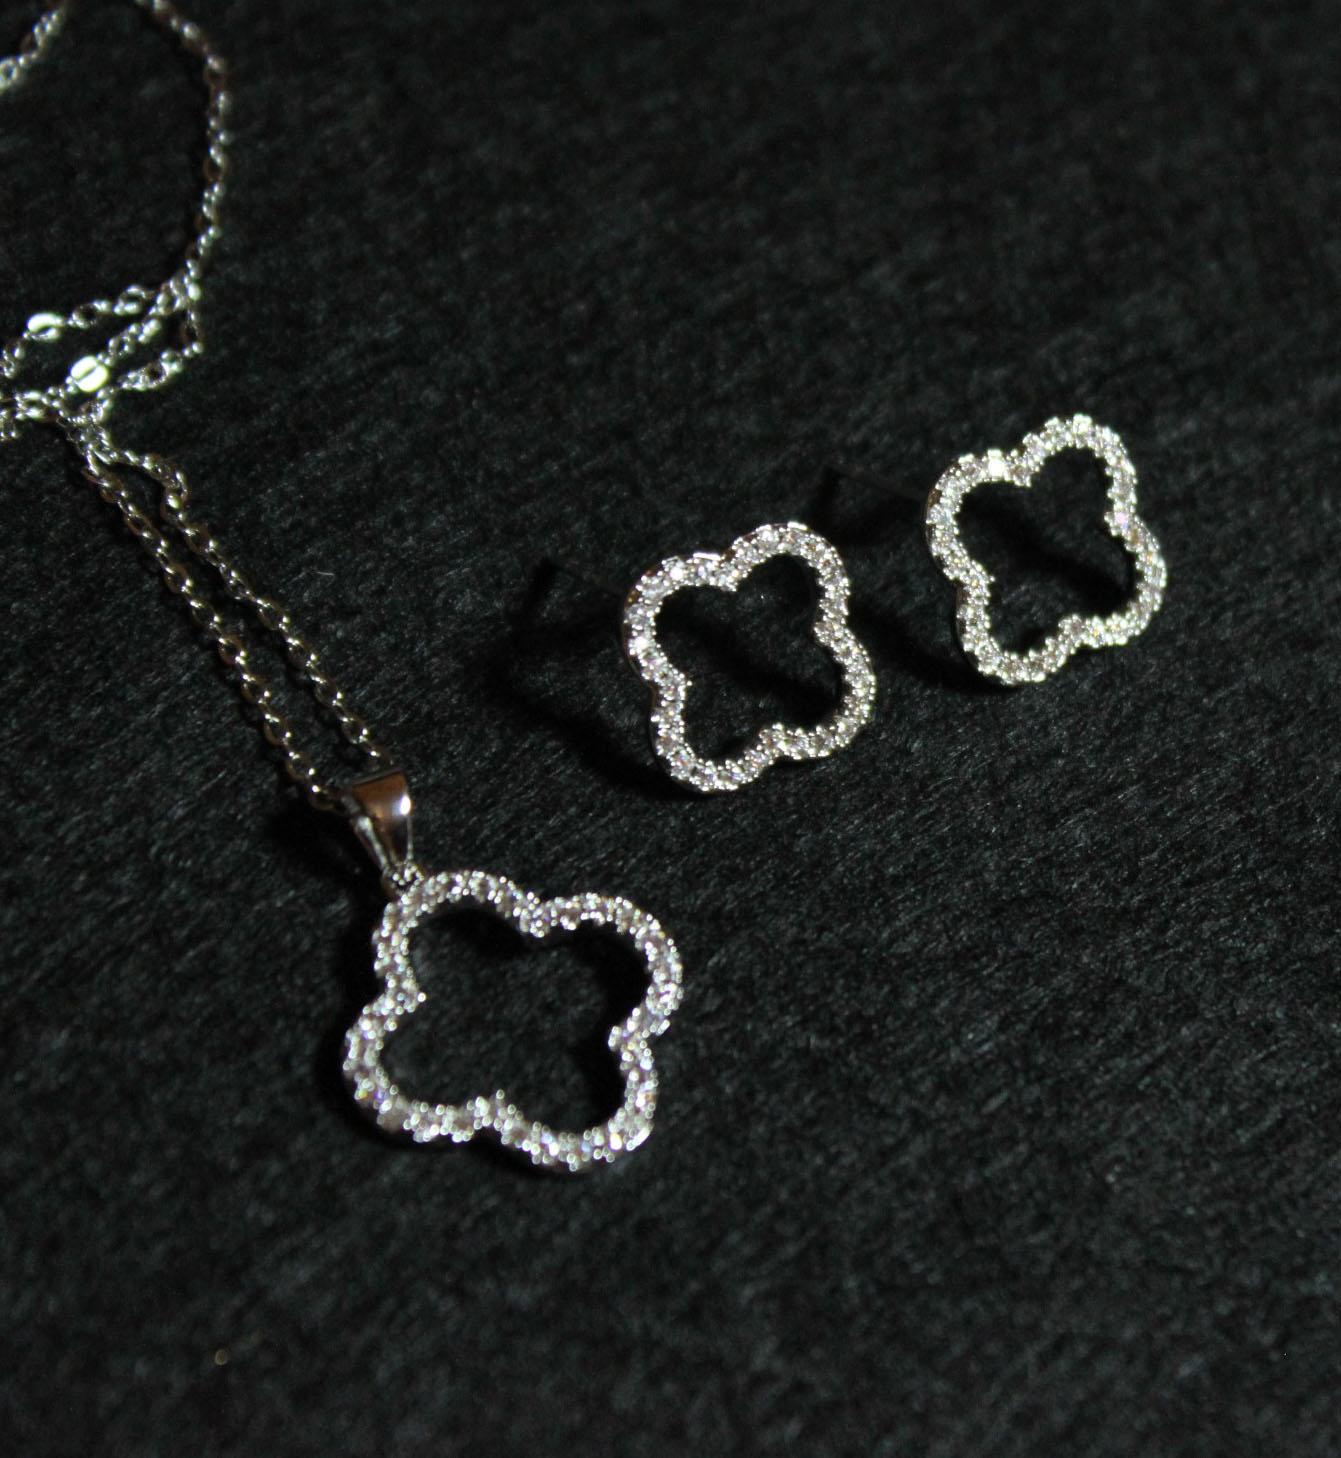 韩国代购香奈儿女款纯银aaa级微镶梵克雅四叶草项链耳环耳钉现货图片